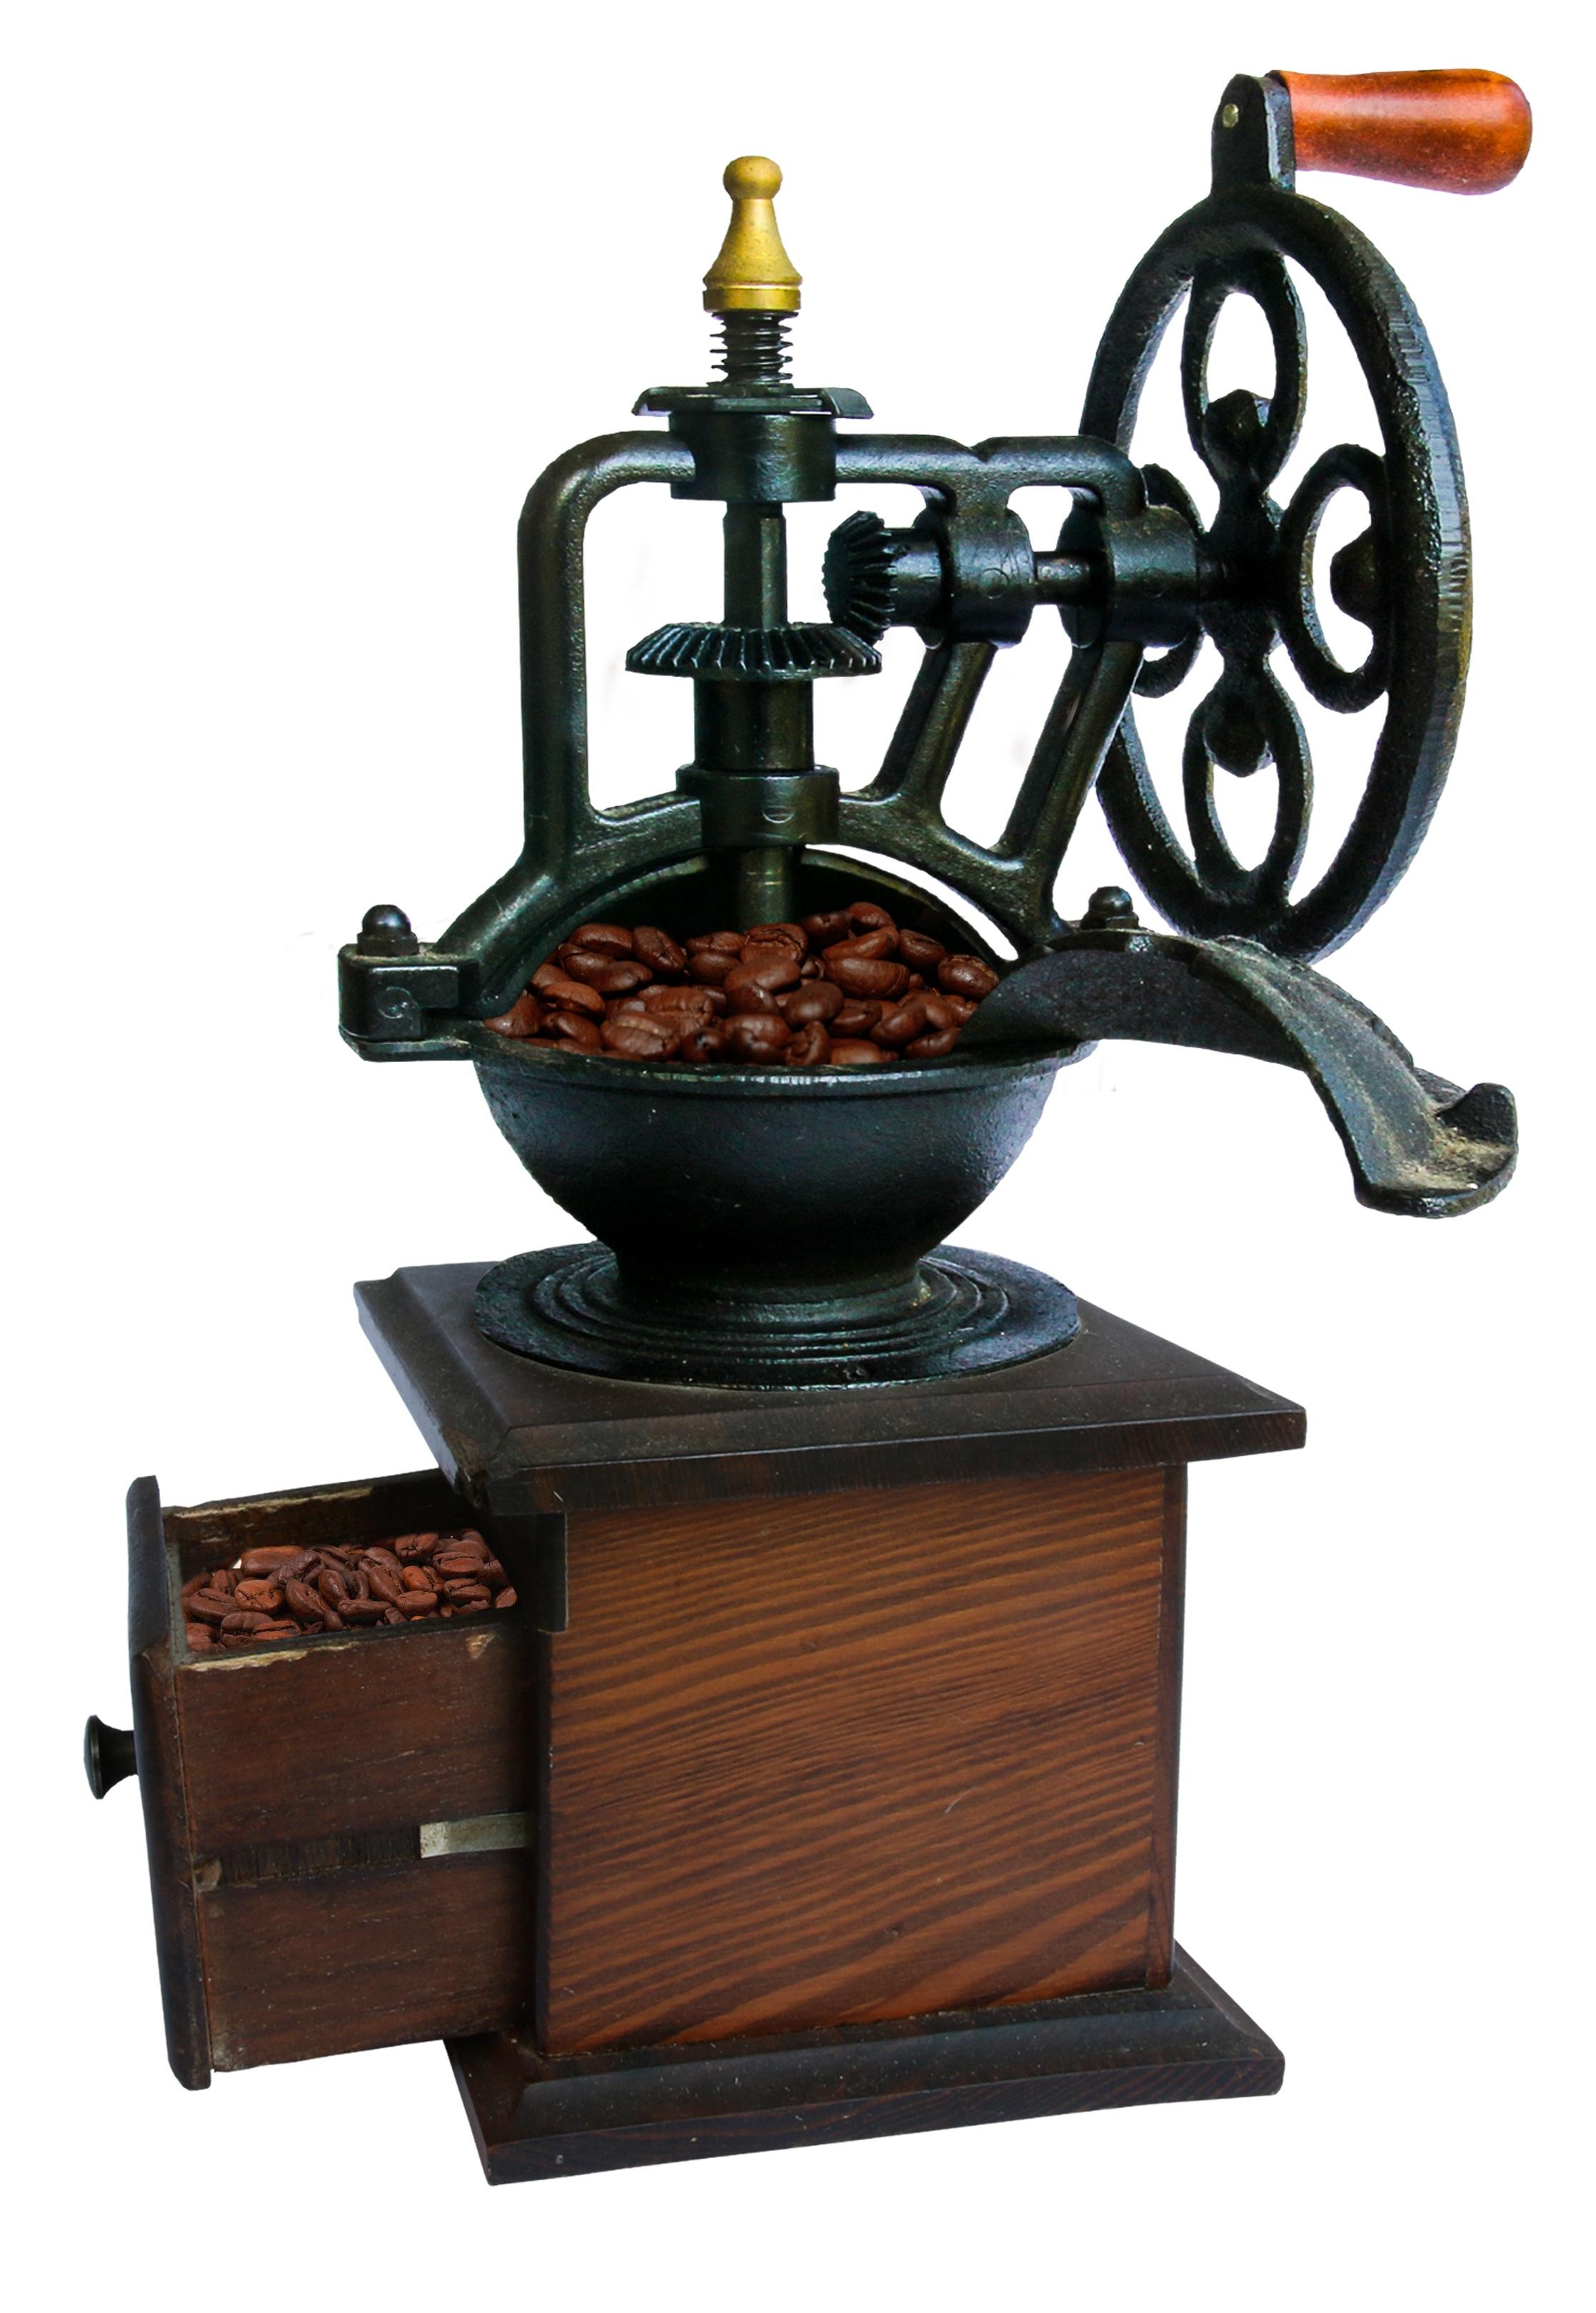 Fantastisk! Fantastisk mad Gratis billeder : kaffe, træ, gammel, belysning, mølle, kværn DG78